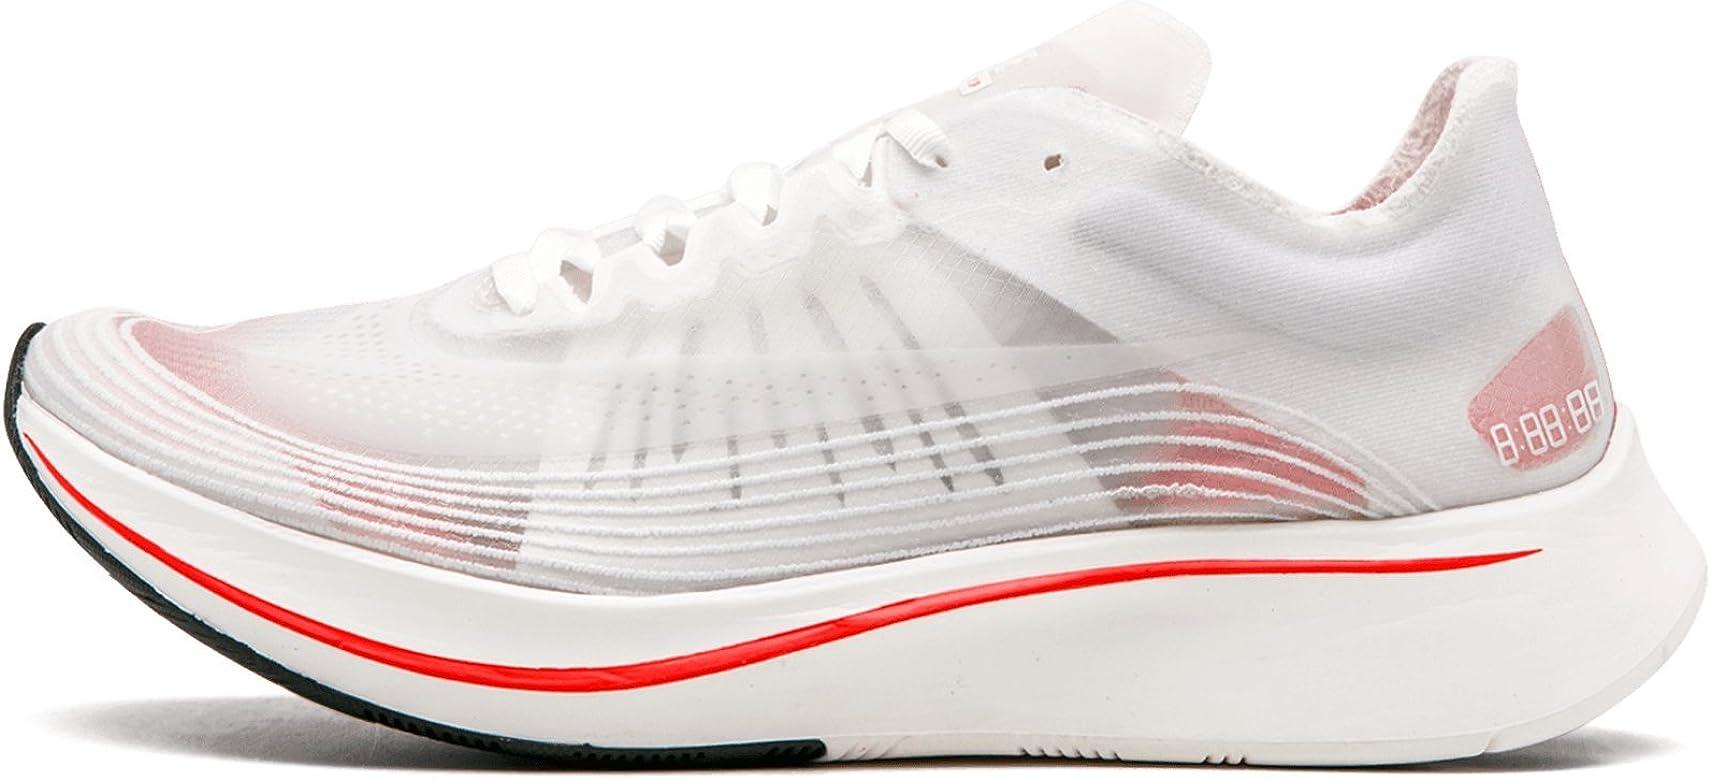 Oxidado primero Comprimir  Nike Zoom Pegasus 33 (GS), Zapatillas de Deporte para Niñas, Negro (Negro  (Black/Pink Blast-Cool Grey-Wht), 35 EU: Amazon.es: Zapatos y complementos